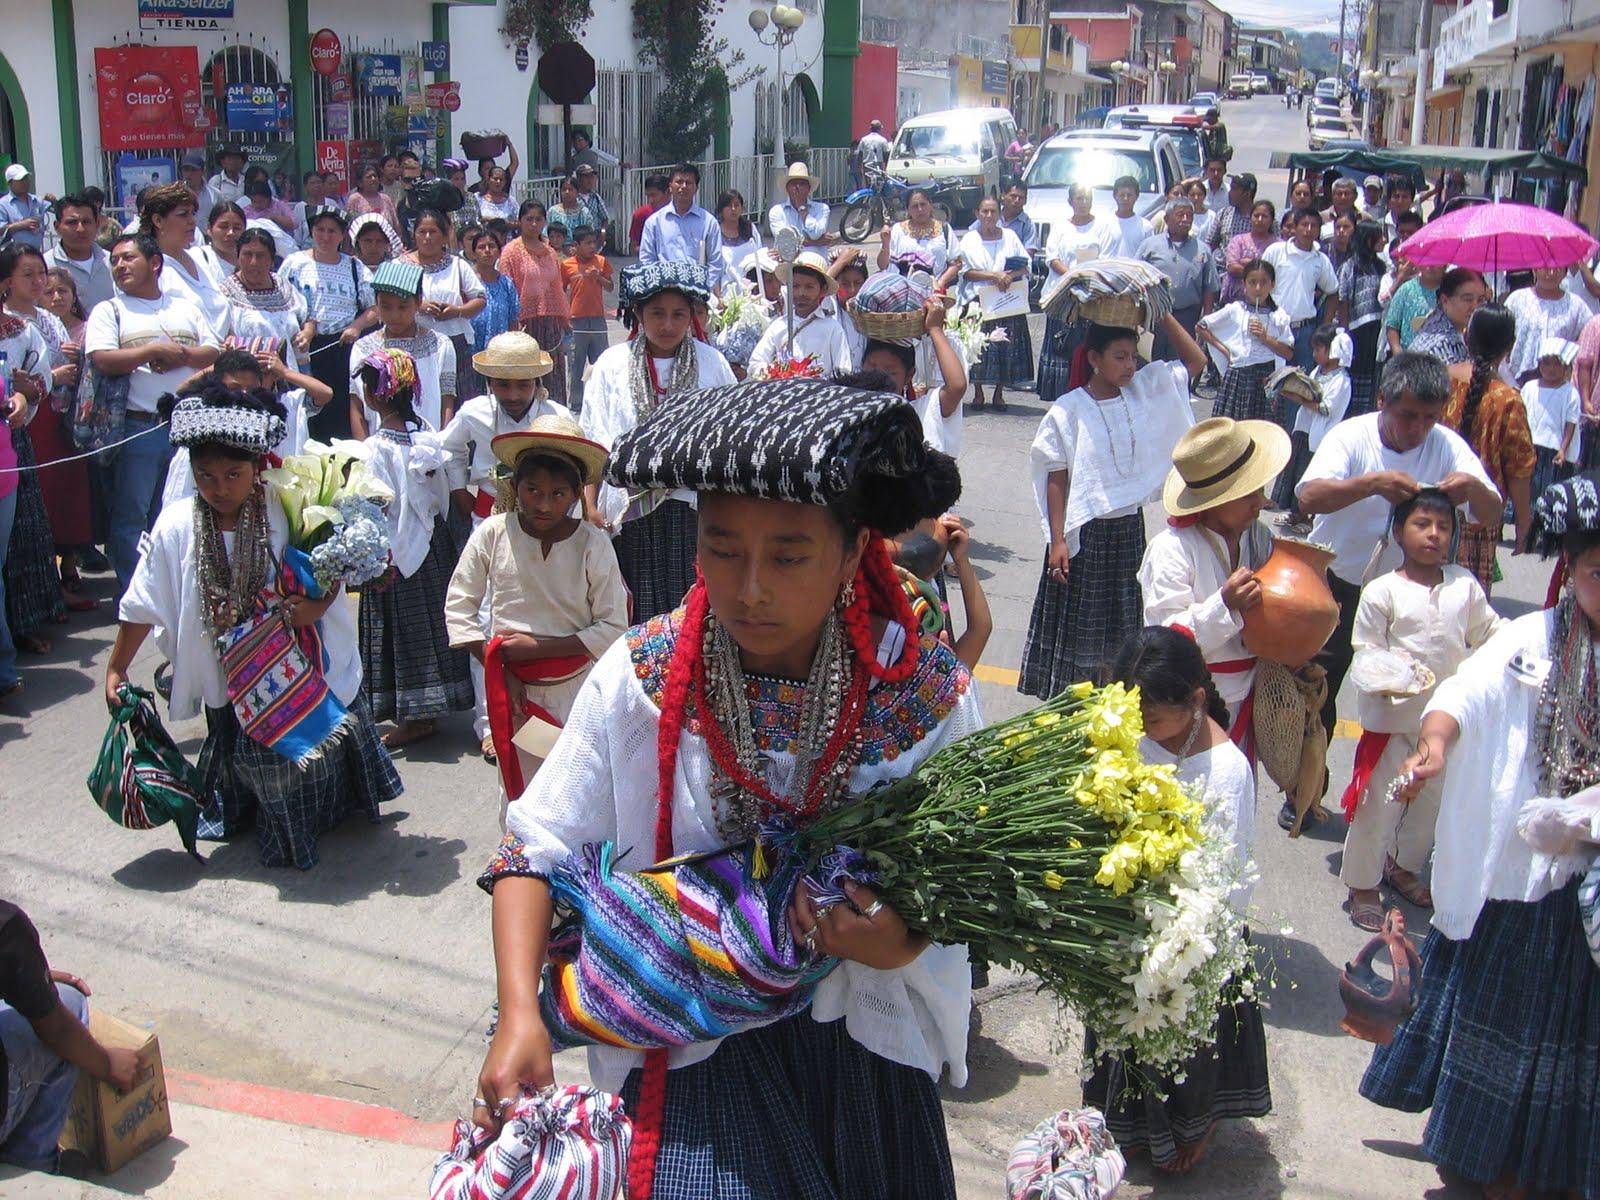 DESPEDIDA+RABIN+COBAN+2010+229 La Etnia Qeqchi de Guatemala mundochapin imagen